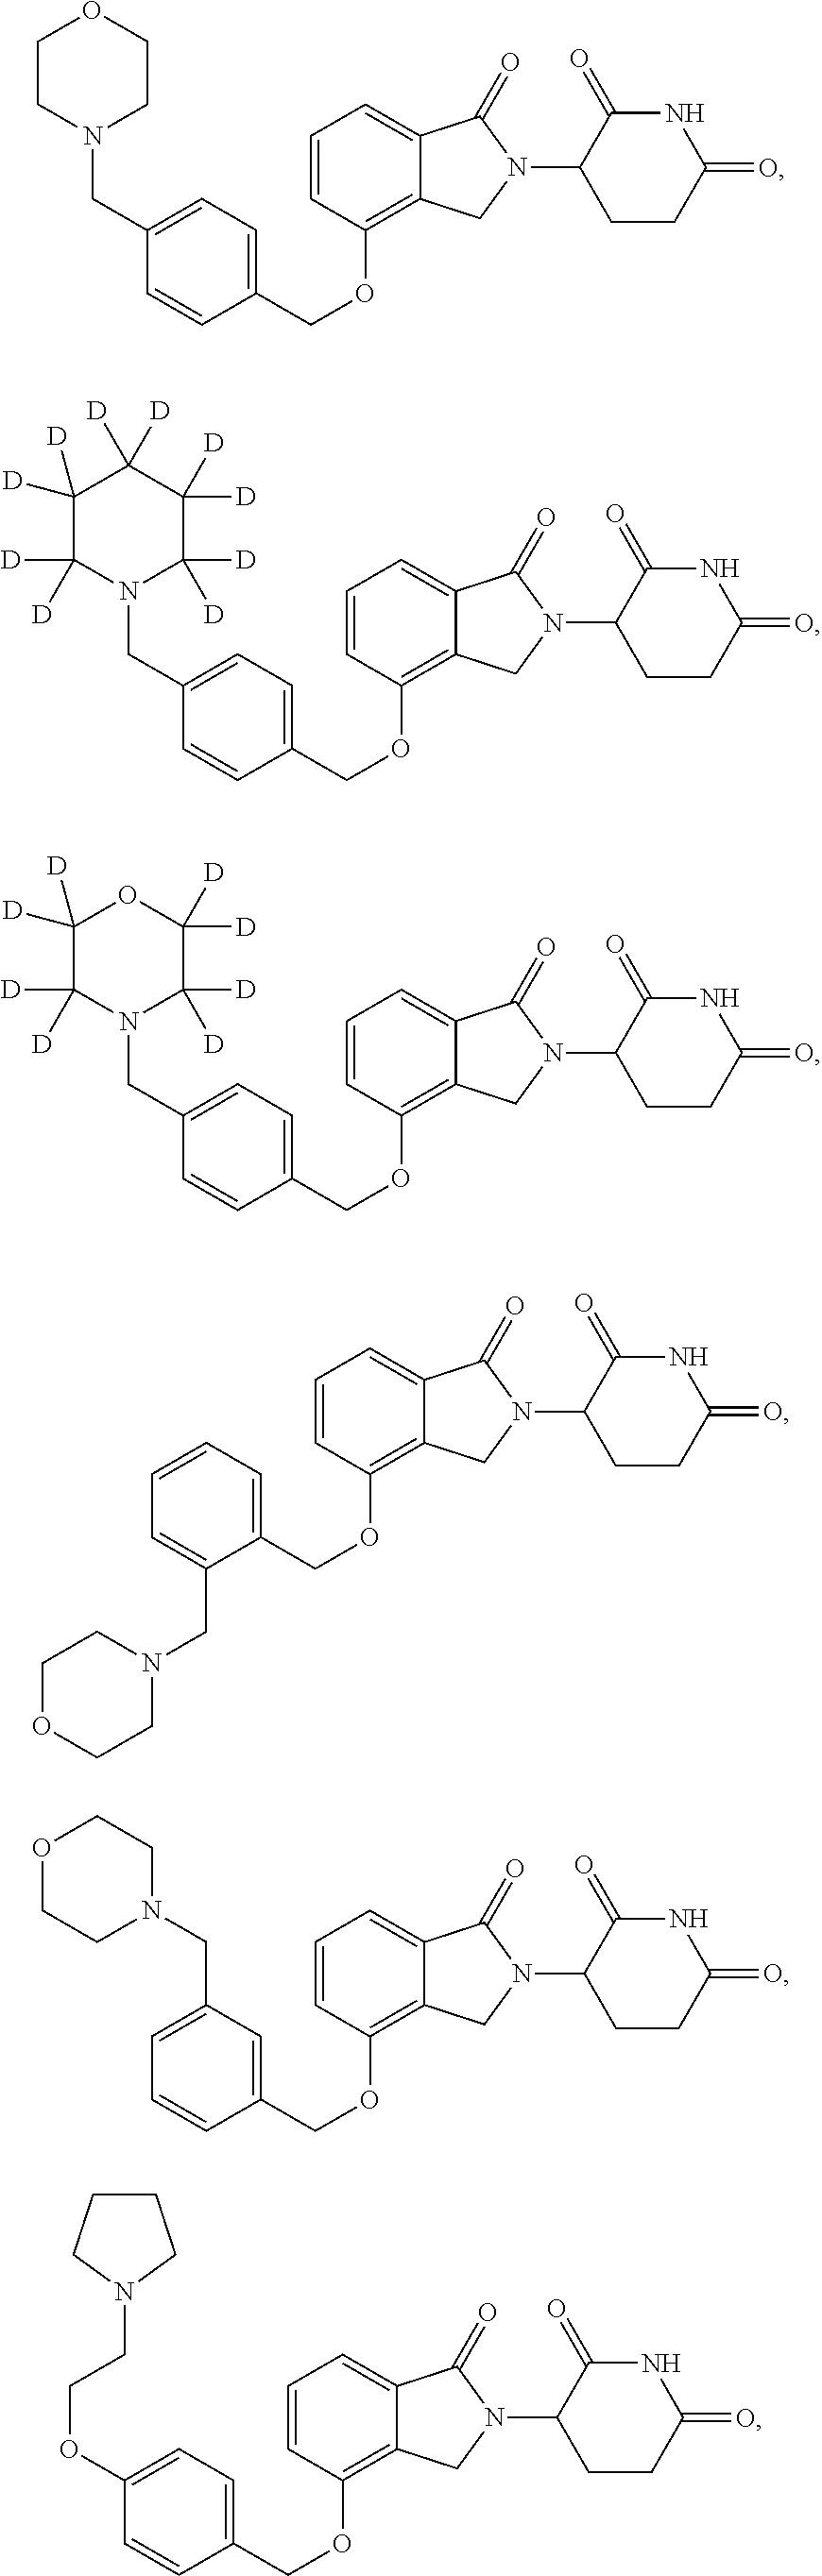 Figure US09587281-20170307-C00044